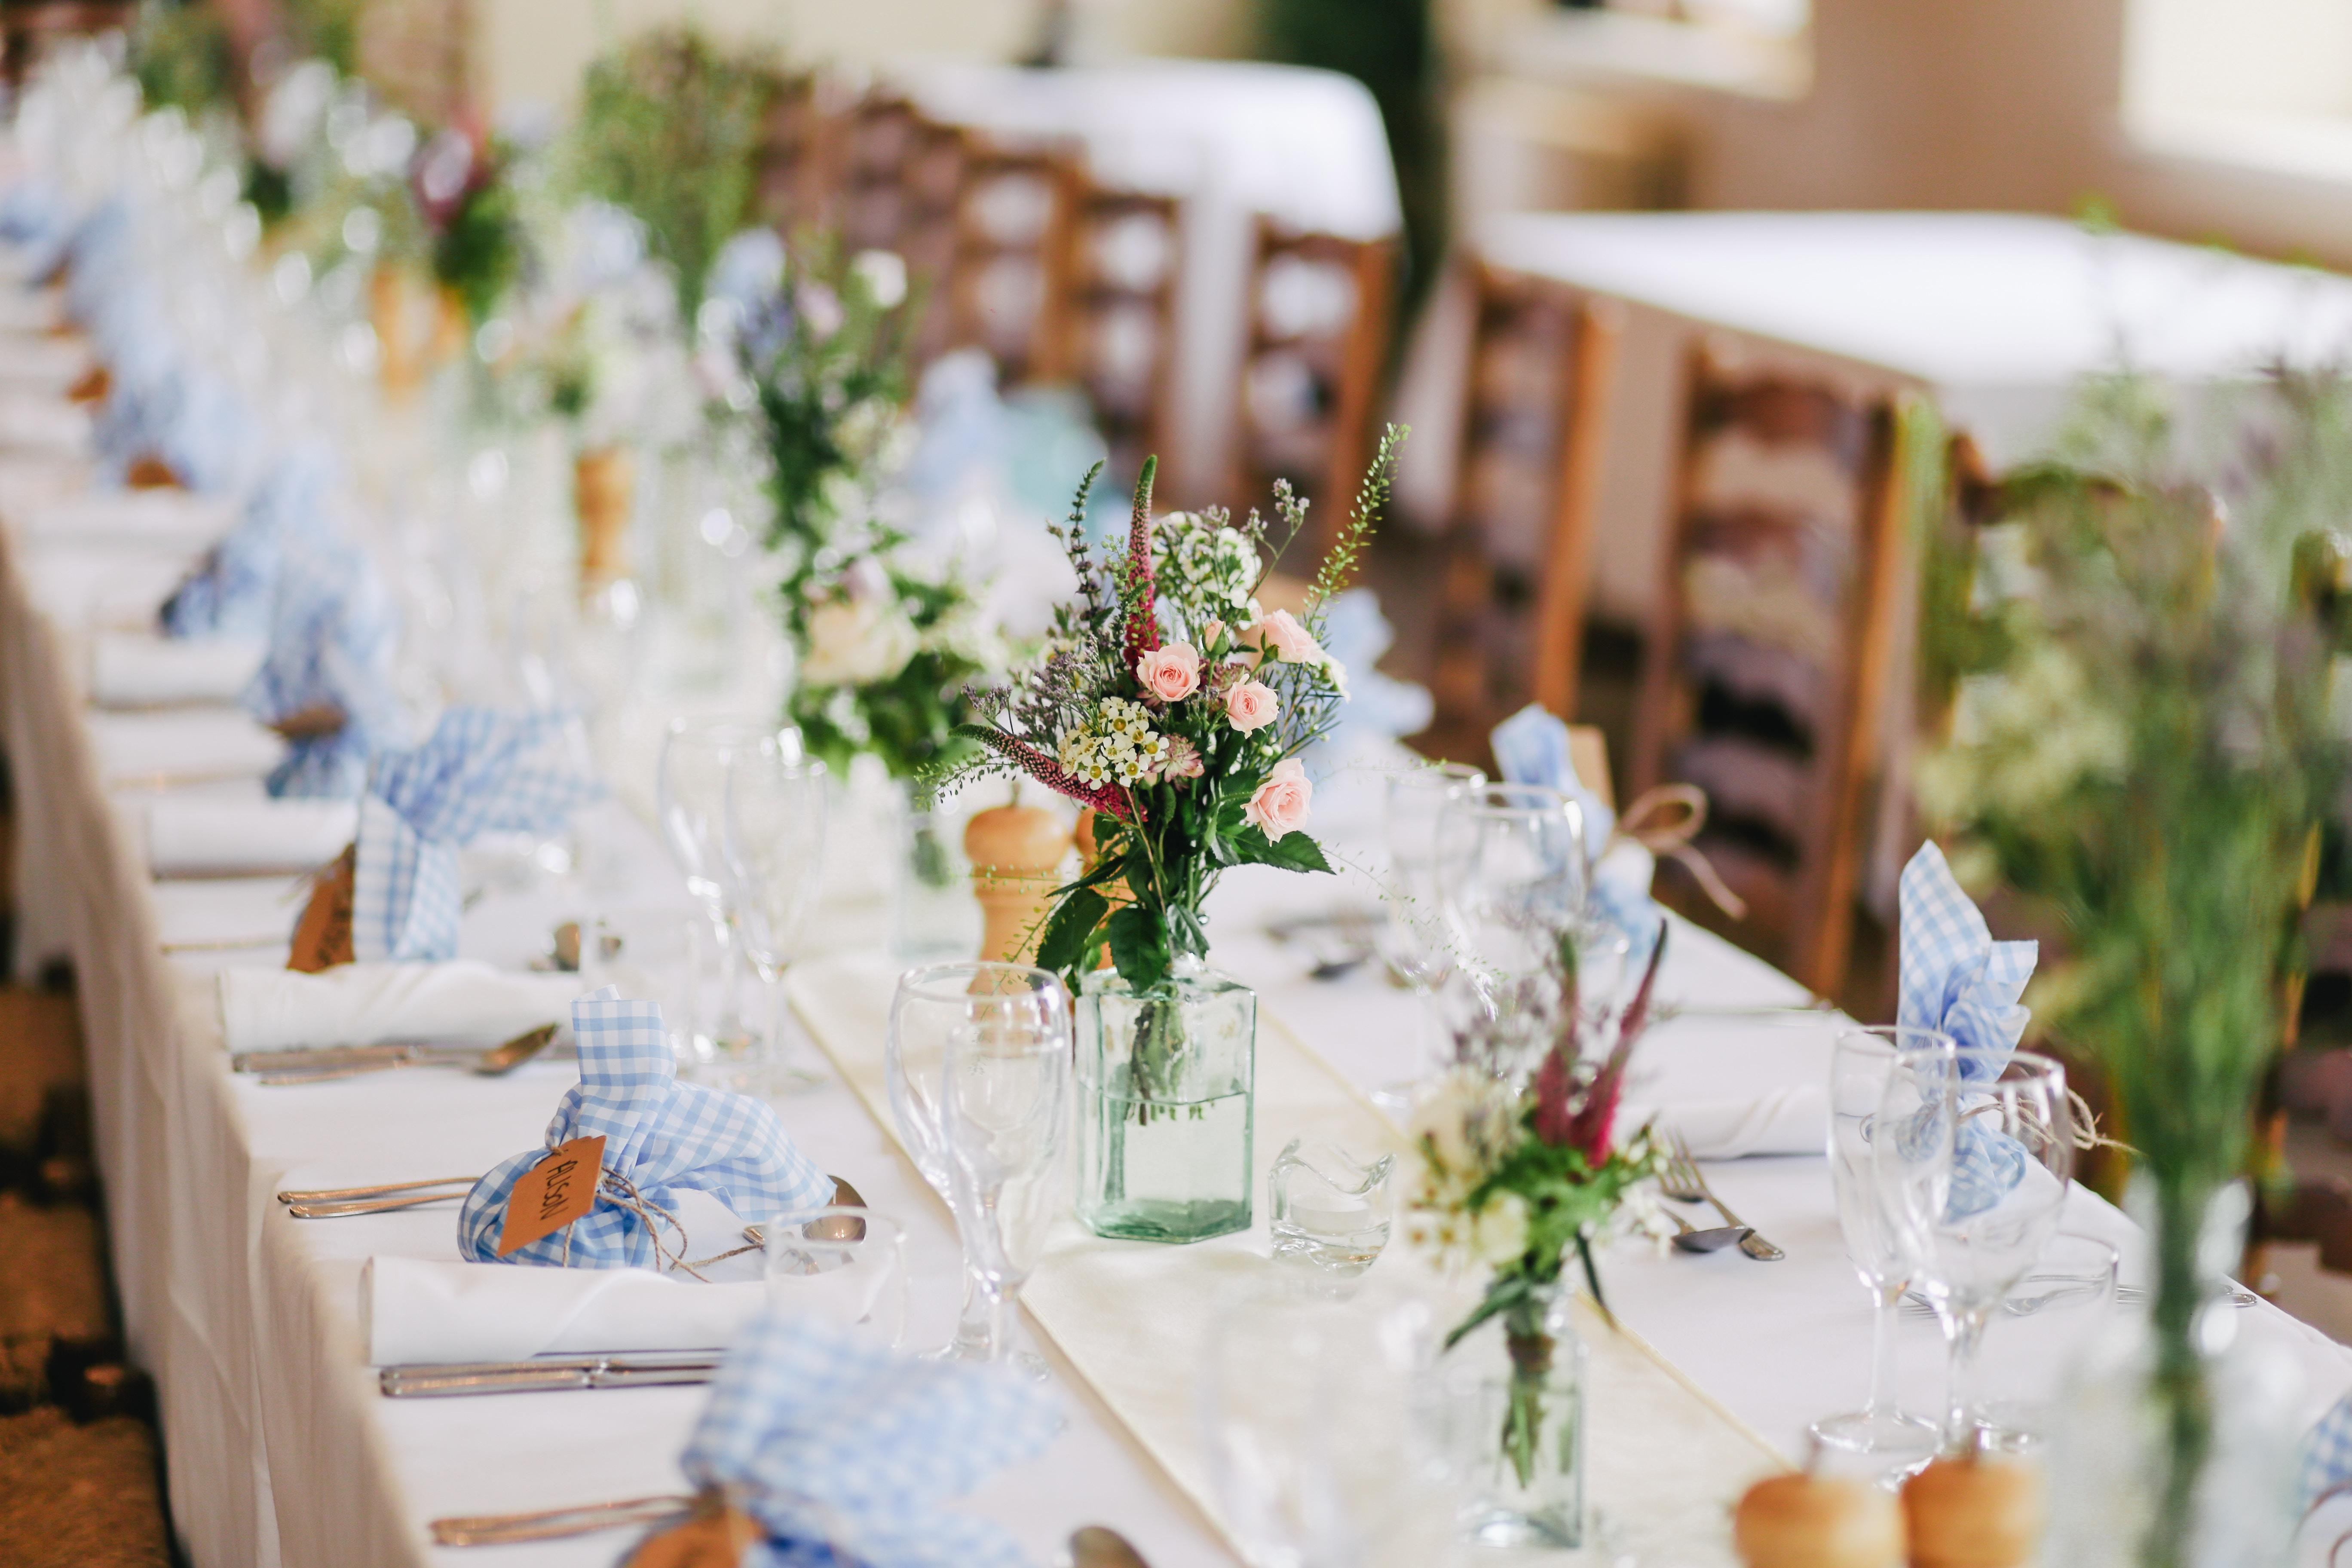 愛知県のフリーウェディングプランナーが提案する結婚式場の選び方について